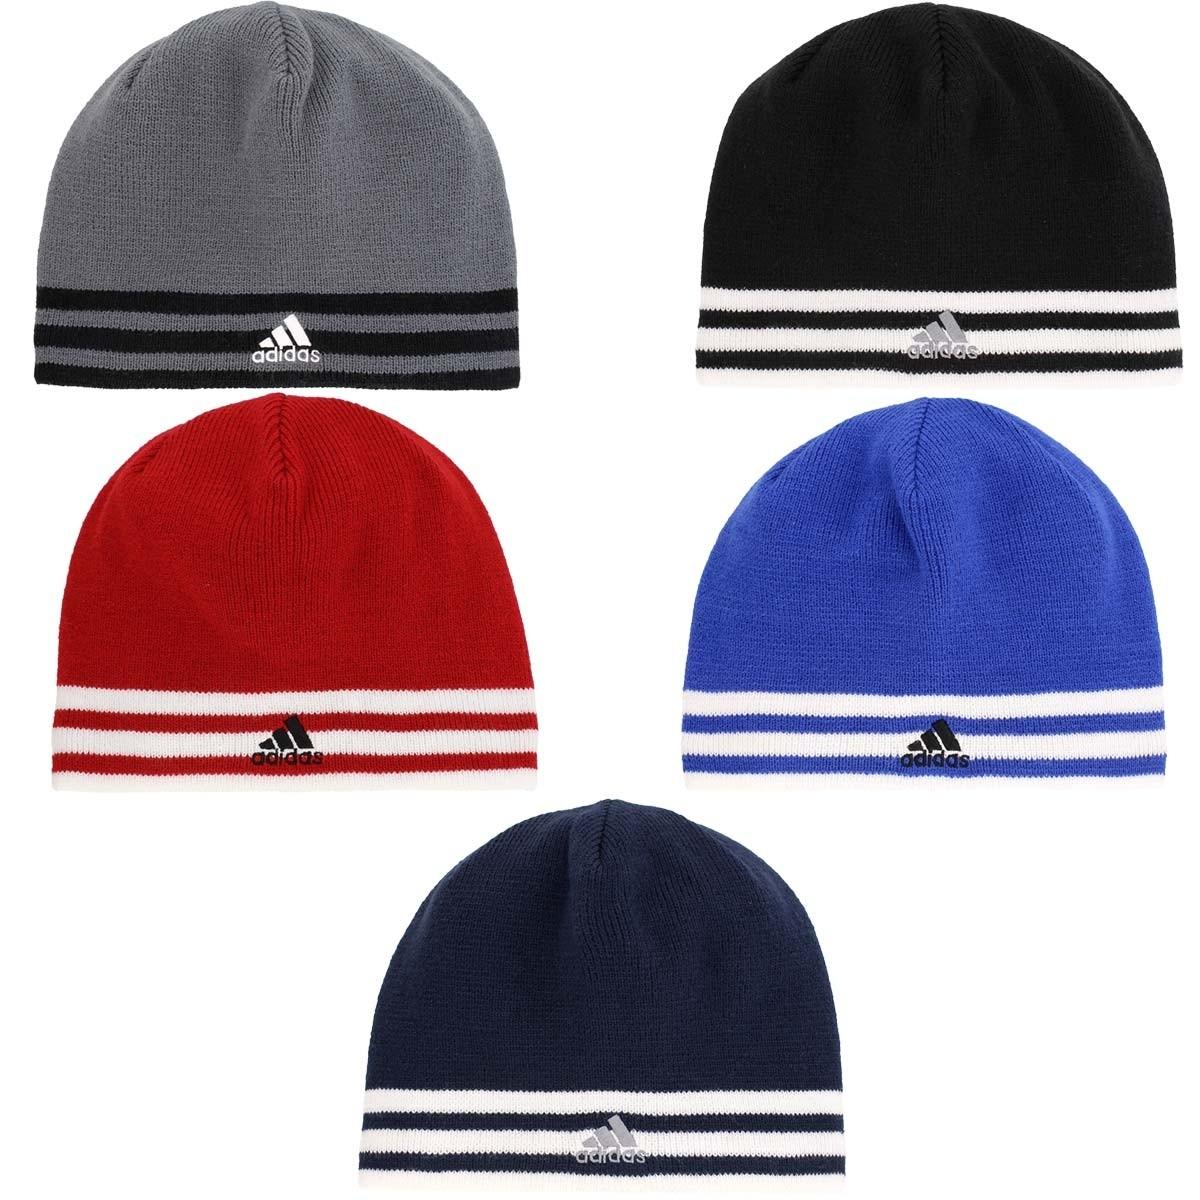 3392f76f1f7 Adidas Team Leverage Beanie Hat - A80-505